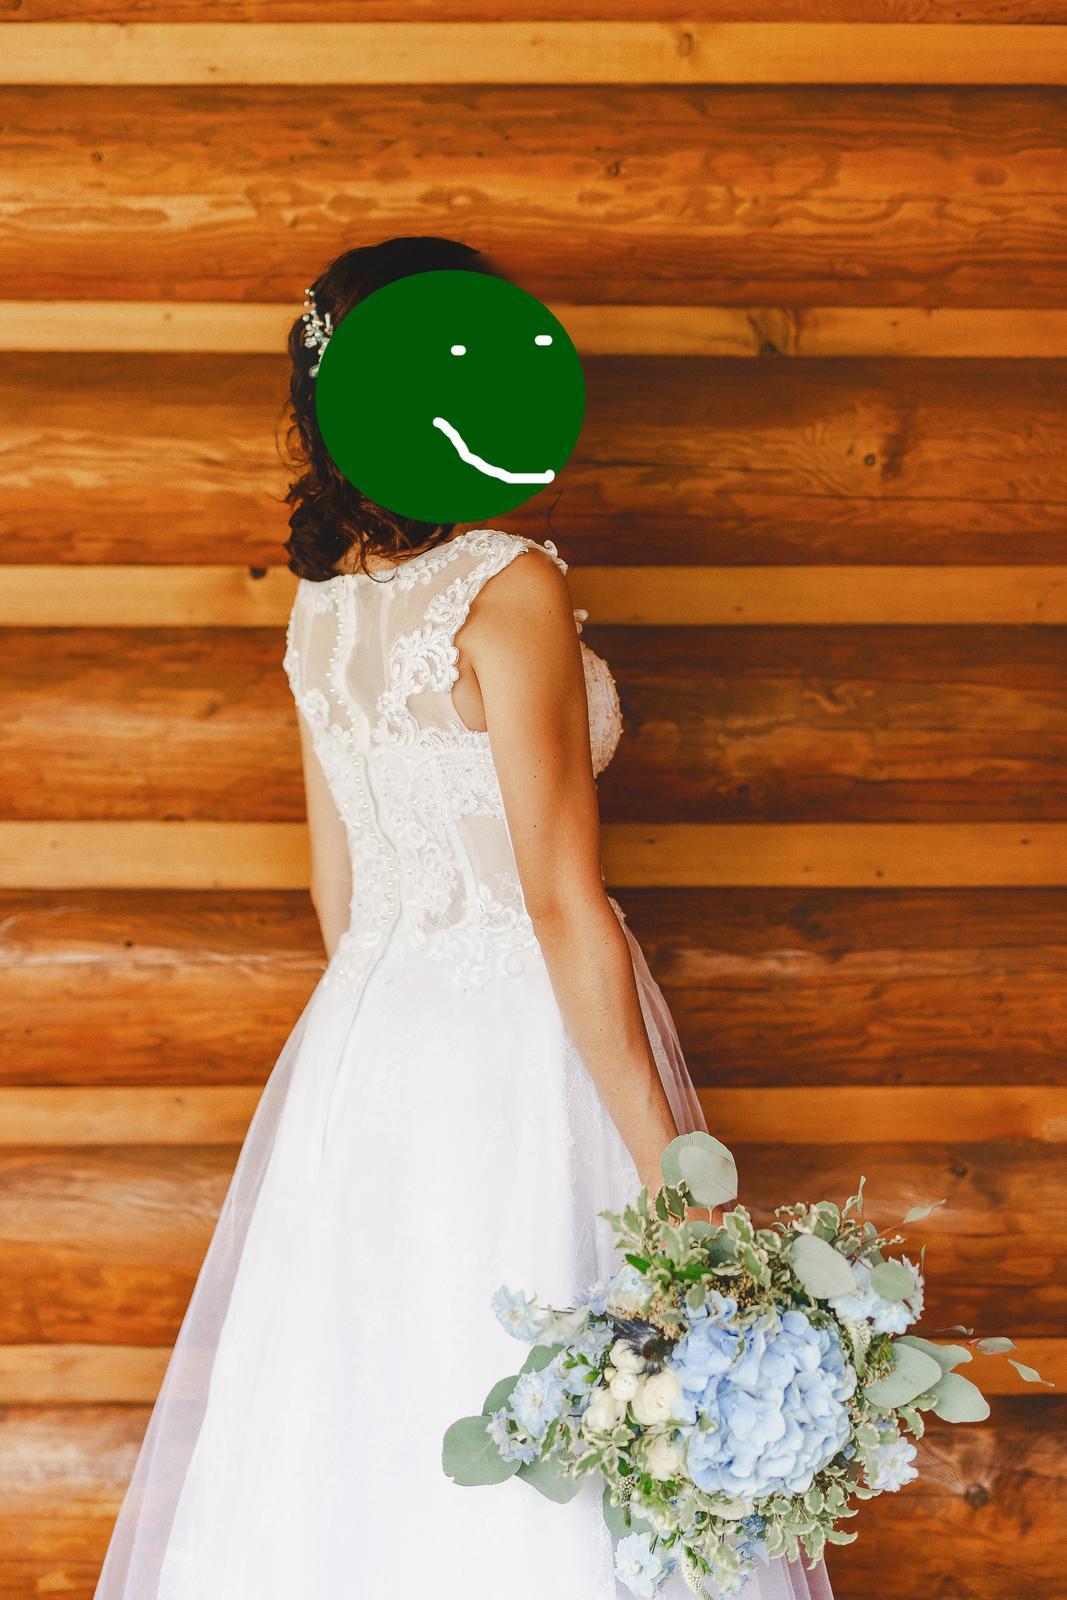 Lahucke svadobne saty - Obrázok č. 1